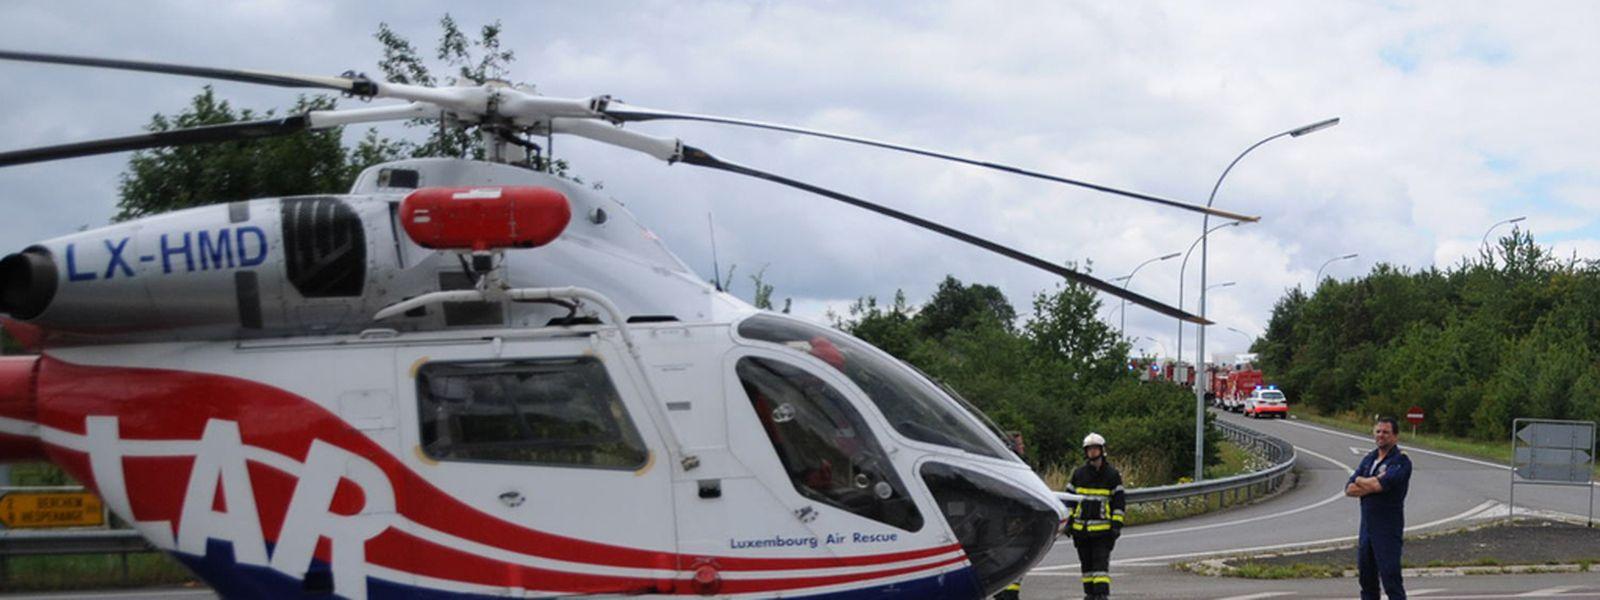 Die Luxembourg Air Rescue ist vor Ort.